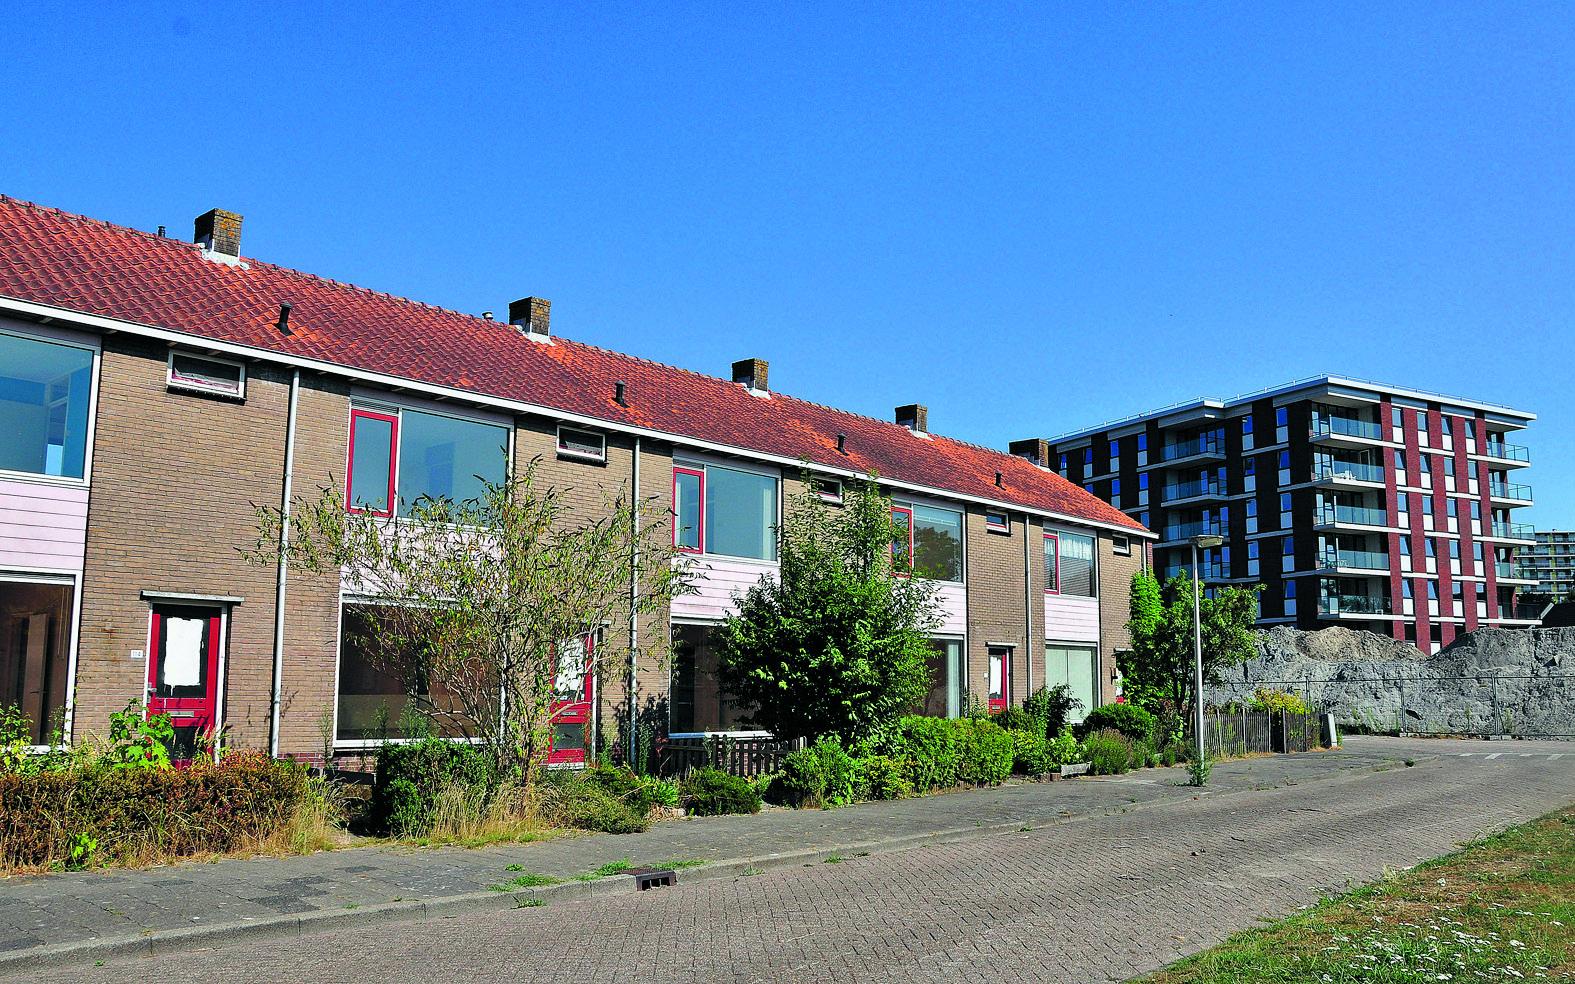 Van oud naar nieuw treffend in beeld. De blokken met oude huisjes worden de laatste drie maanden van dit jaar gesloopt. Rechts het nieuwe en duurzame appartementencomplex. (Foto: Frans van Emmerik)